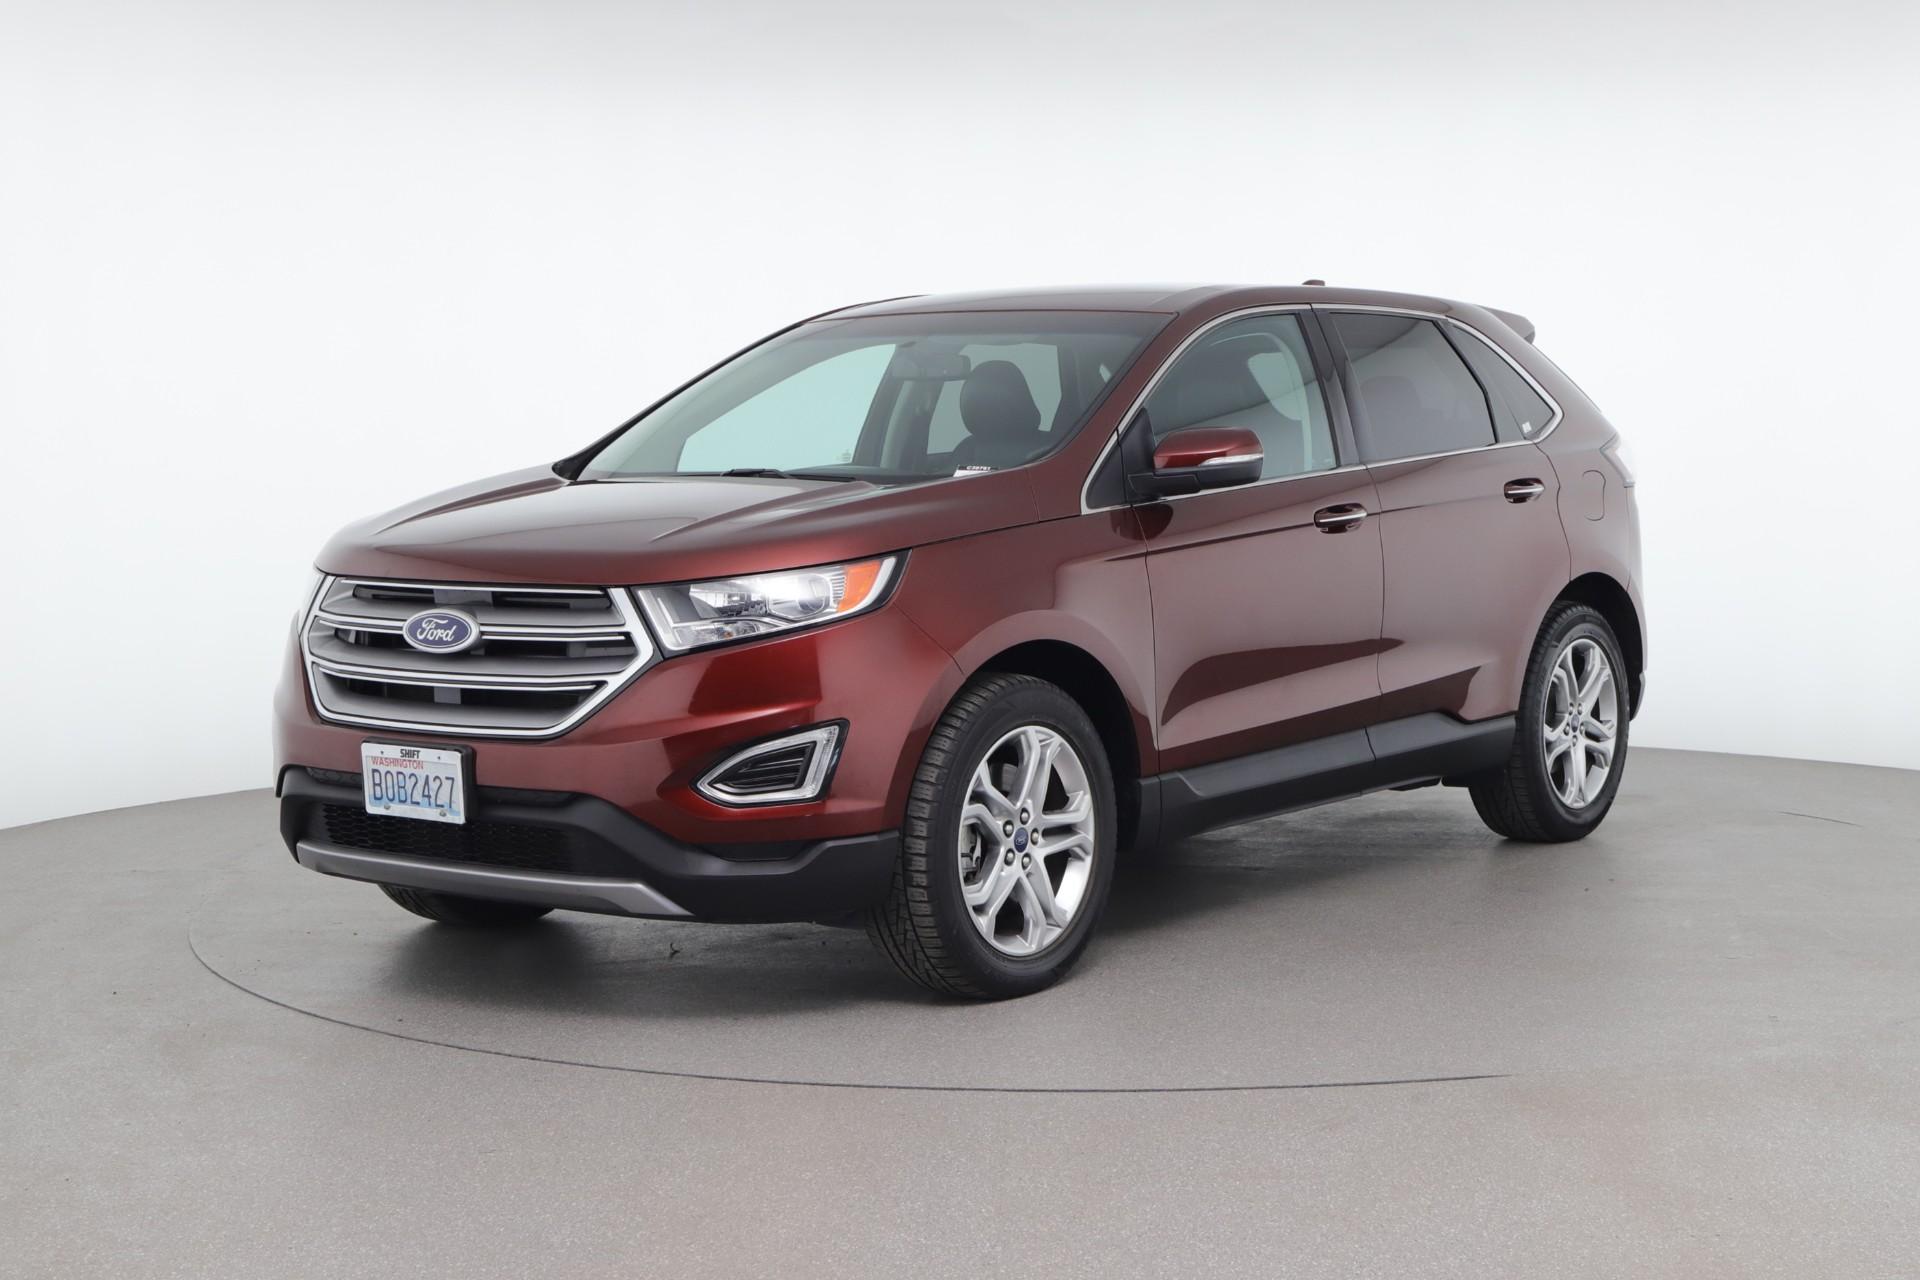 Ford Edge Titanium (from $24,050)